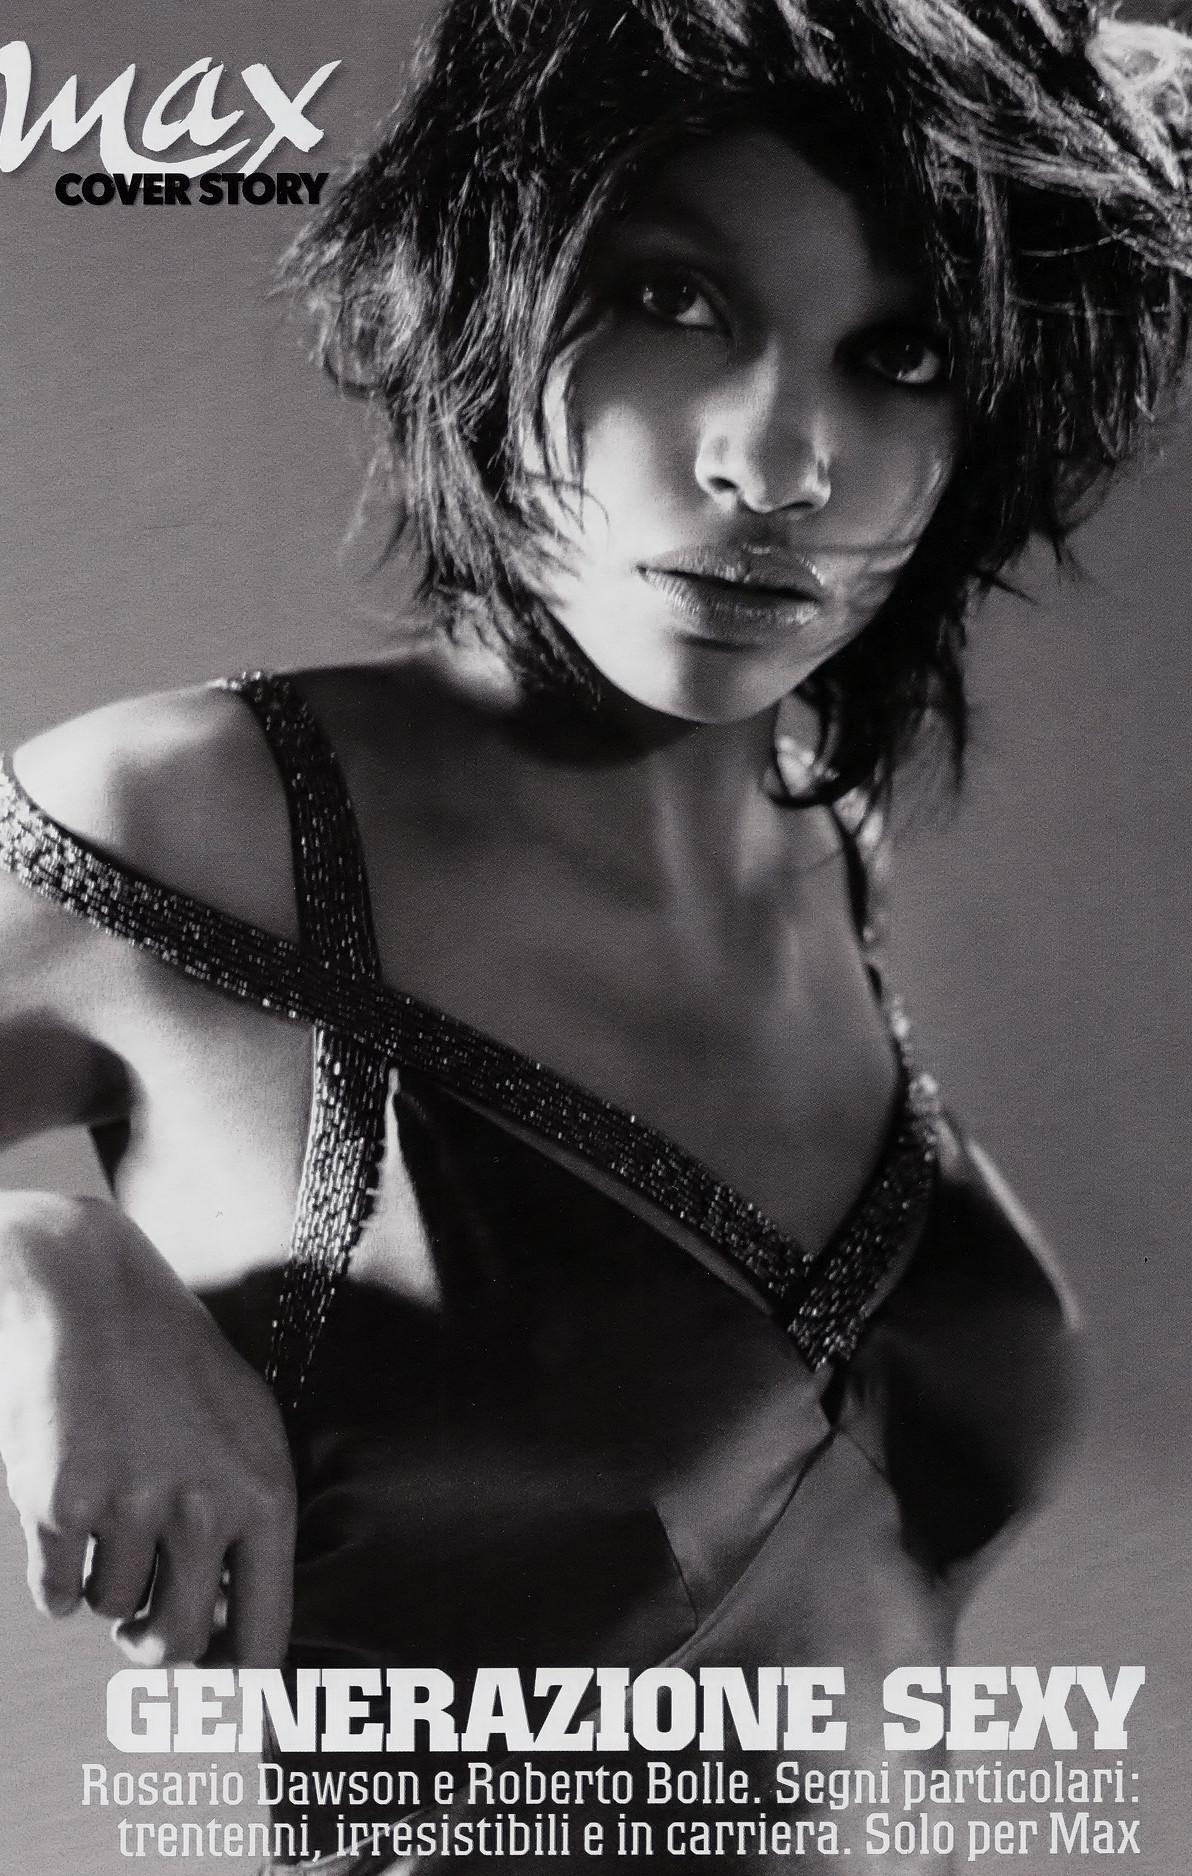 Rosario Dawson famosas xxx